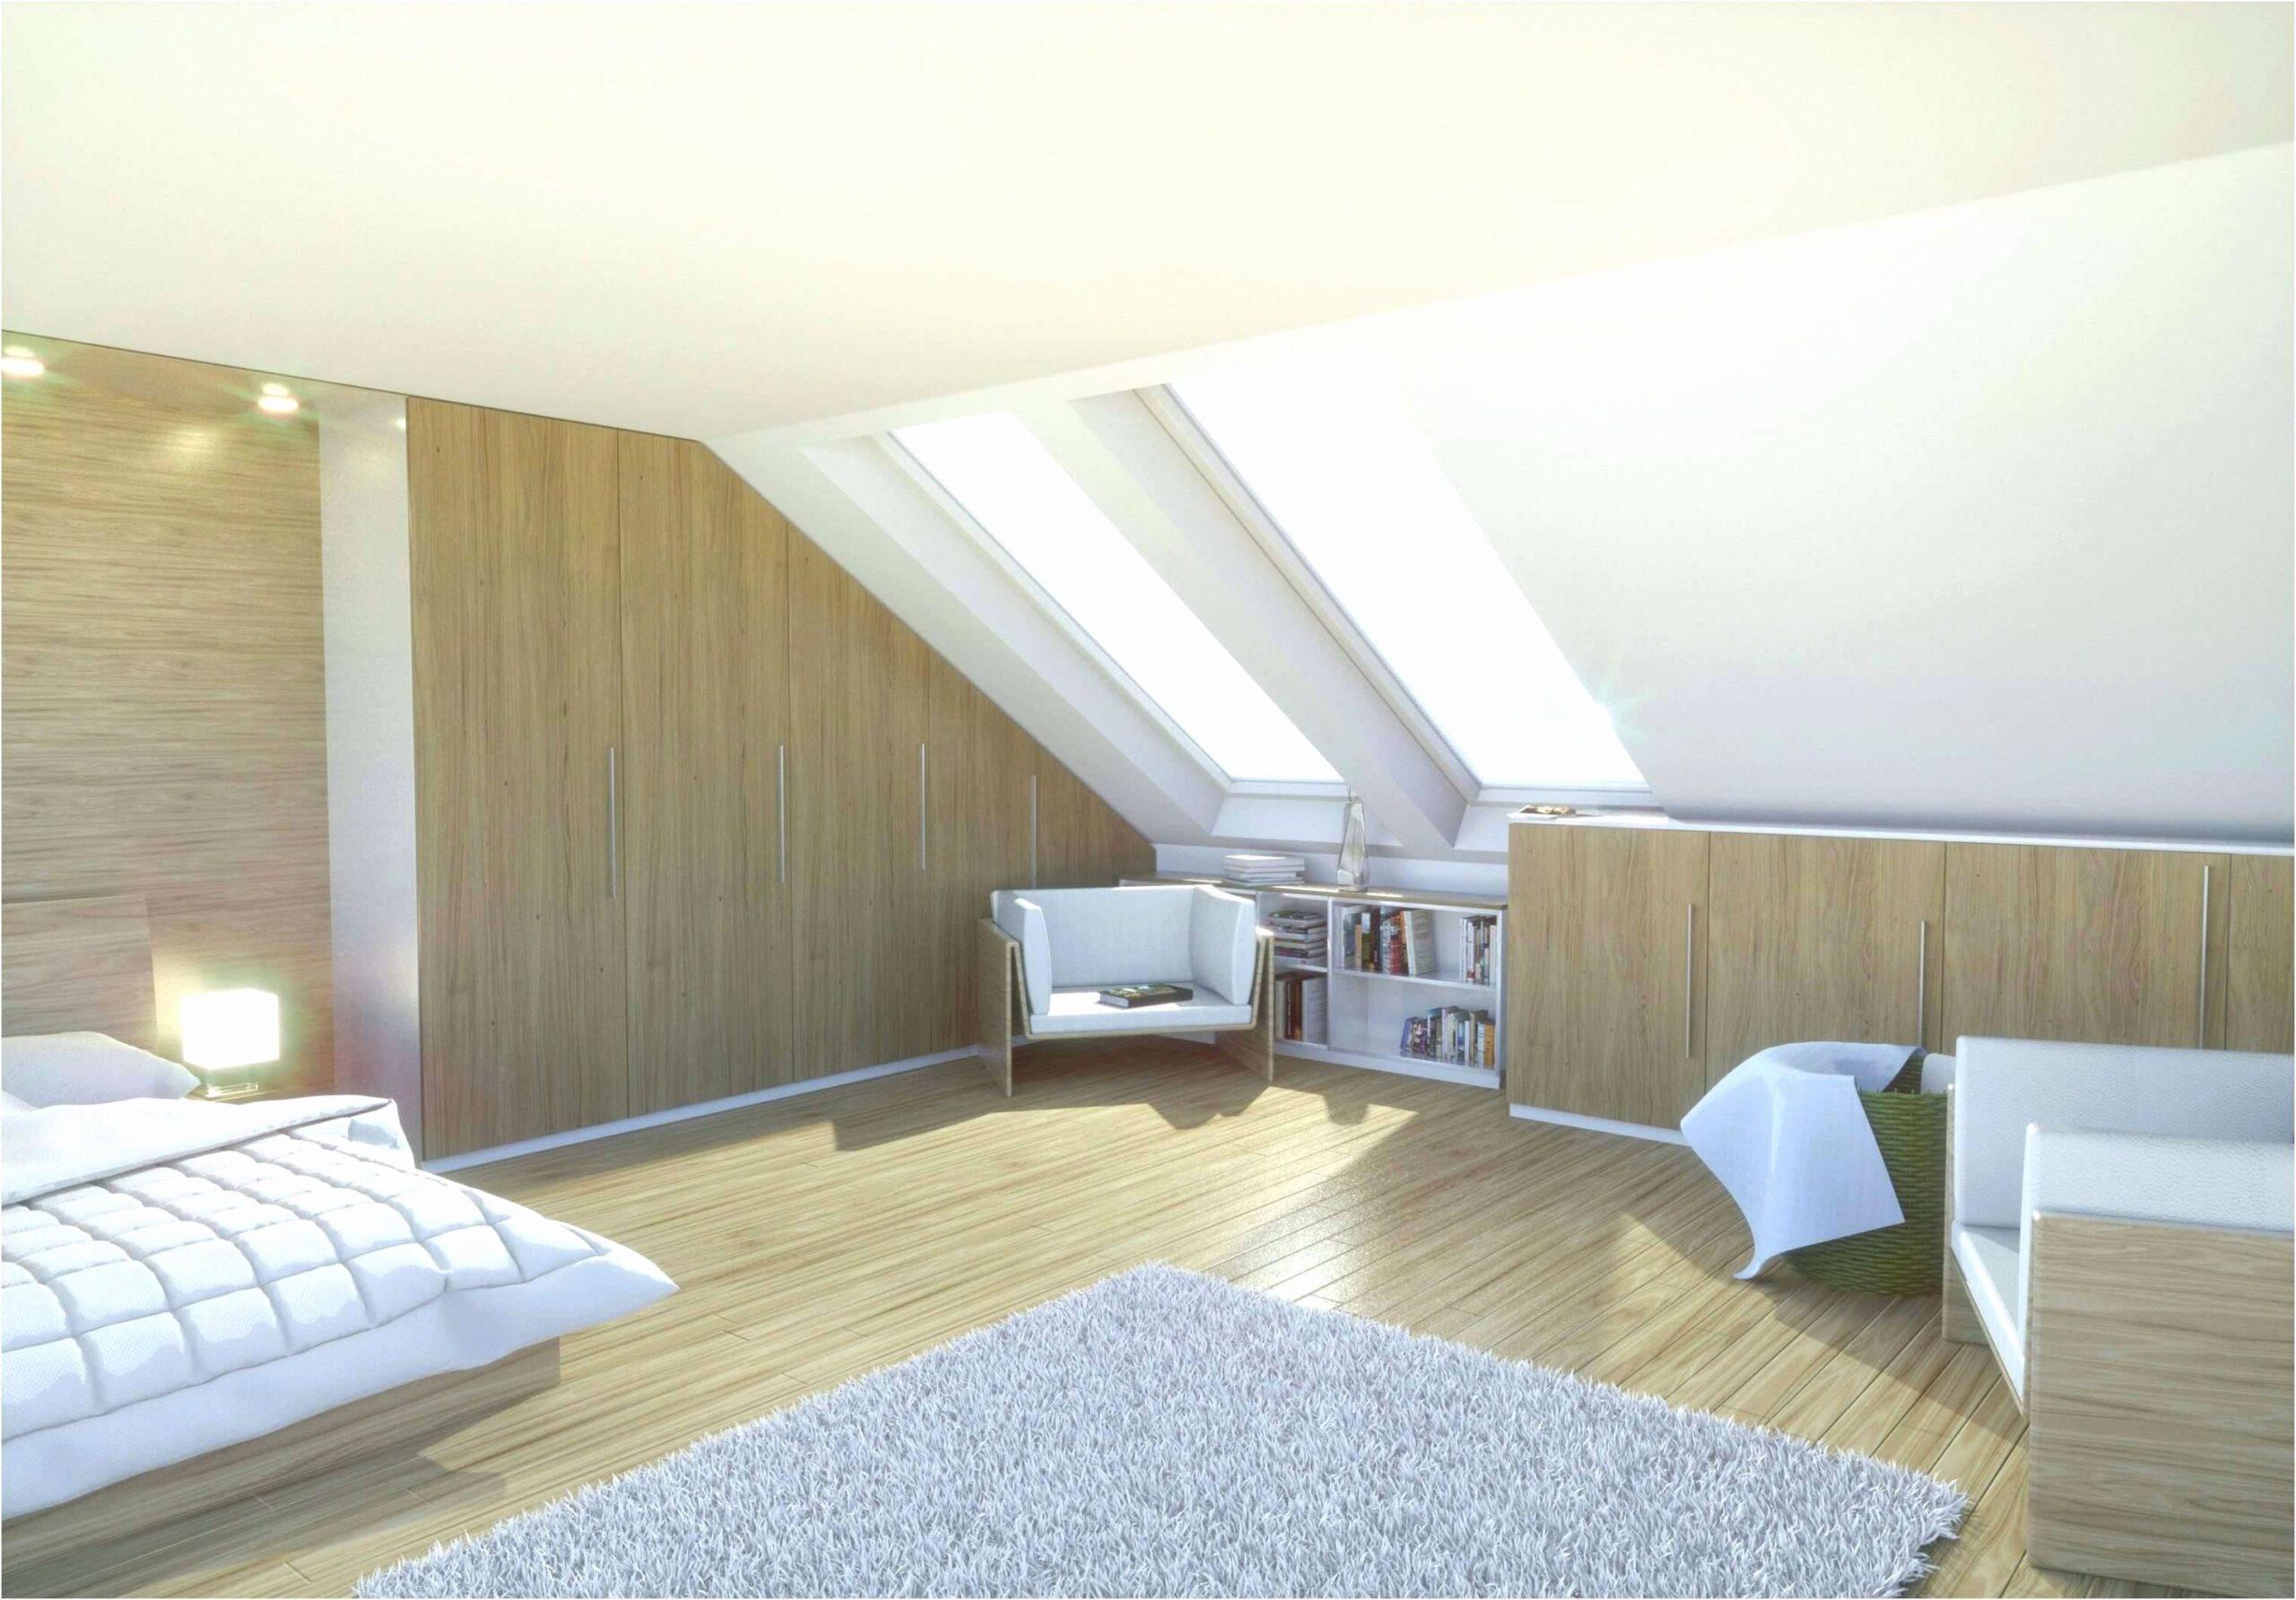 Full Size of Dekoration Wohnzimmer Regal Wanddeko Ideen Genial Tapeten Küche Bad Renovieren Wohnzimmer Wanddeko Ideen